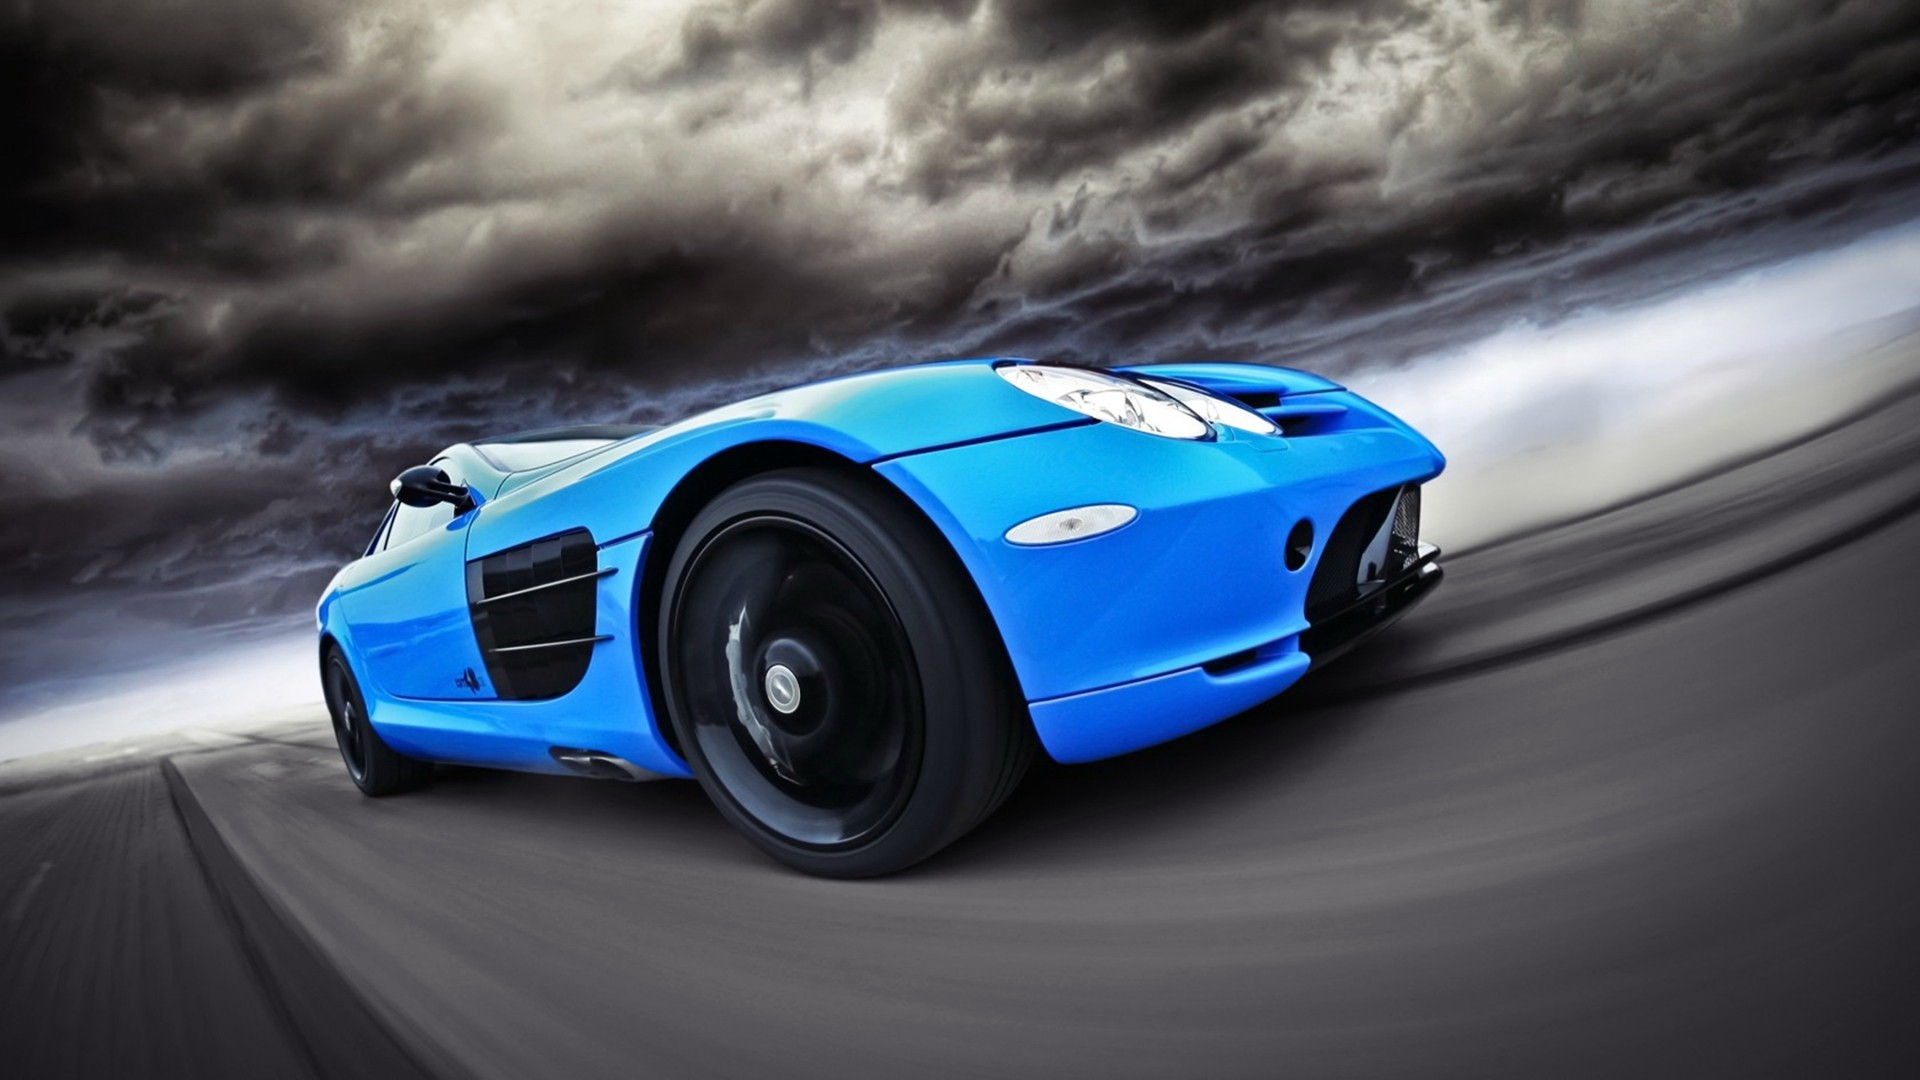 General 1920x1080 car Mercedes-Benz blue cars vehicle dark clouds